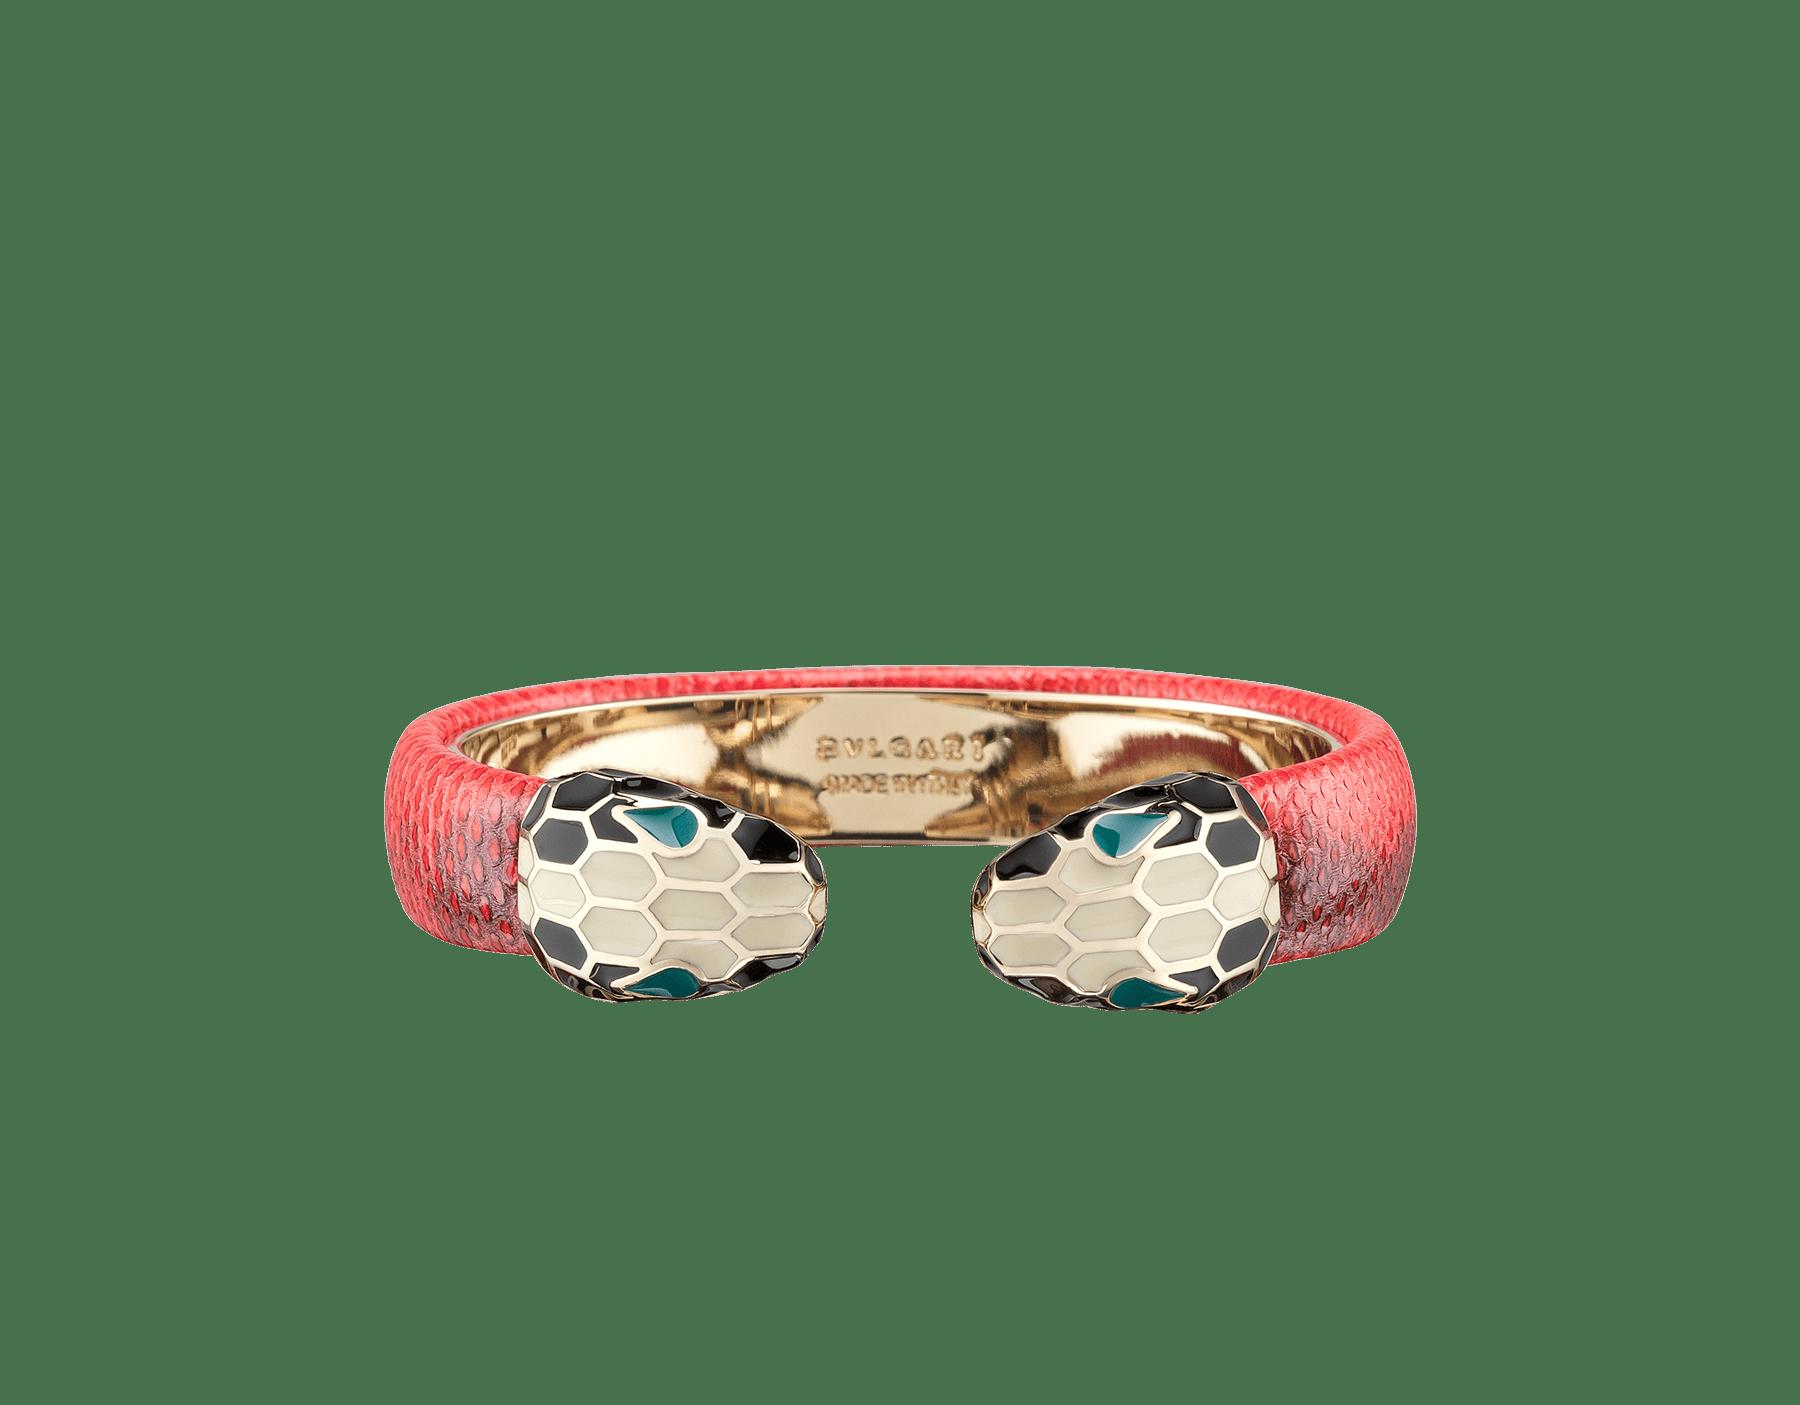 Bracciale rigido Serpenti Forever in karung lucido color corallo con finiture in ottone placcato oro chiaro. Iconico motivo Serpenti contraire in smalto bianco e nero con occhi in smalto verde. SPContr-SK-SSC image 1